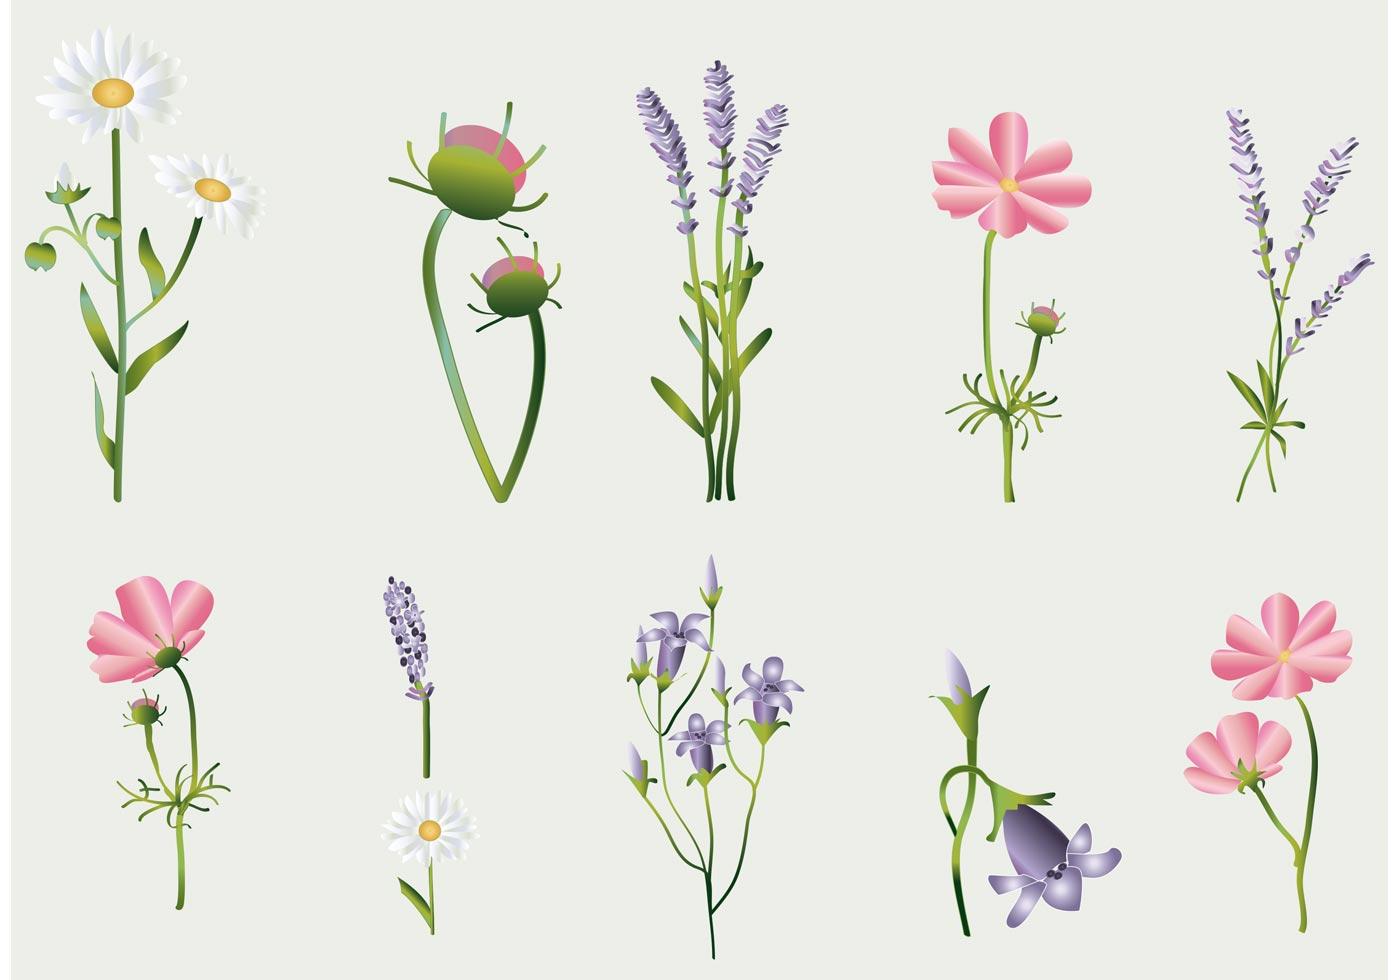 Flower Vectors Collection Download Free Vector Art